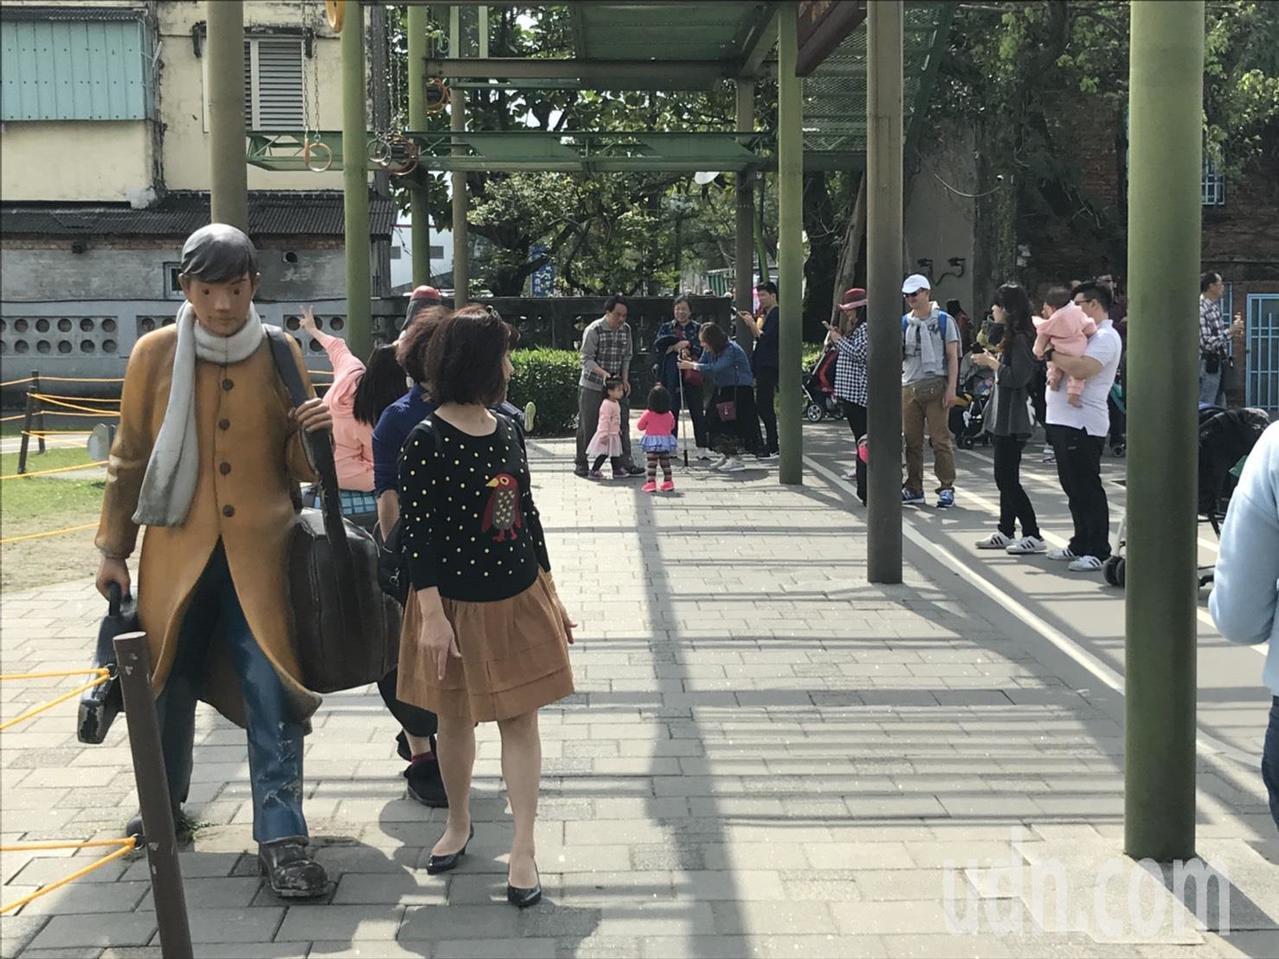 宜蘭市幾米廣場4天湧入5萬人,整個廣場可謂摩肩接踵,民眾只能把握空檔拍照。記者張...